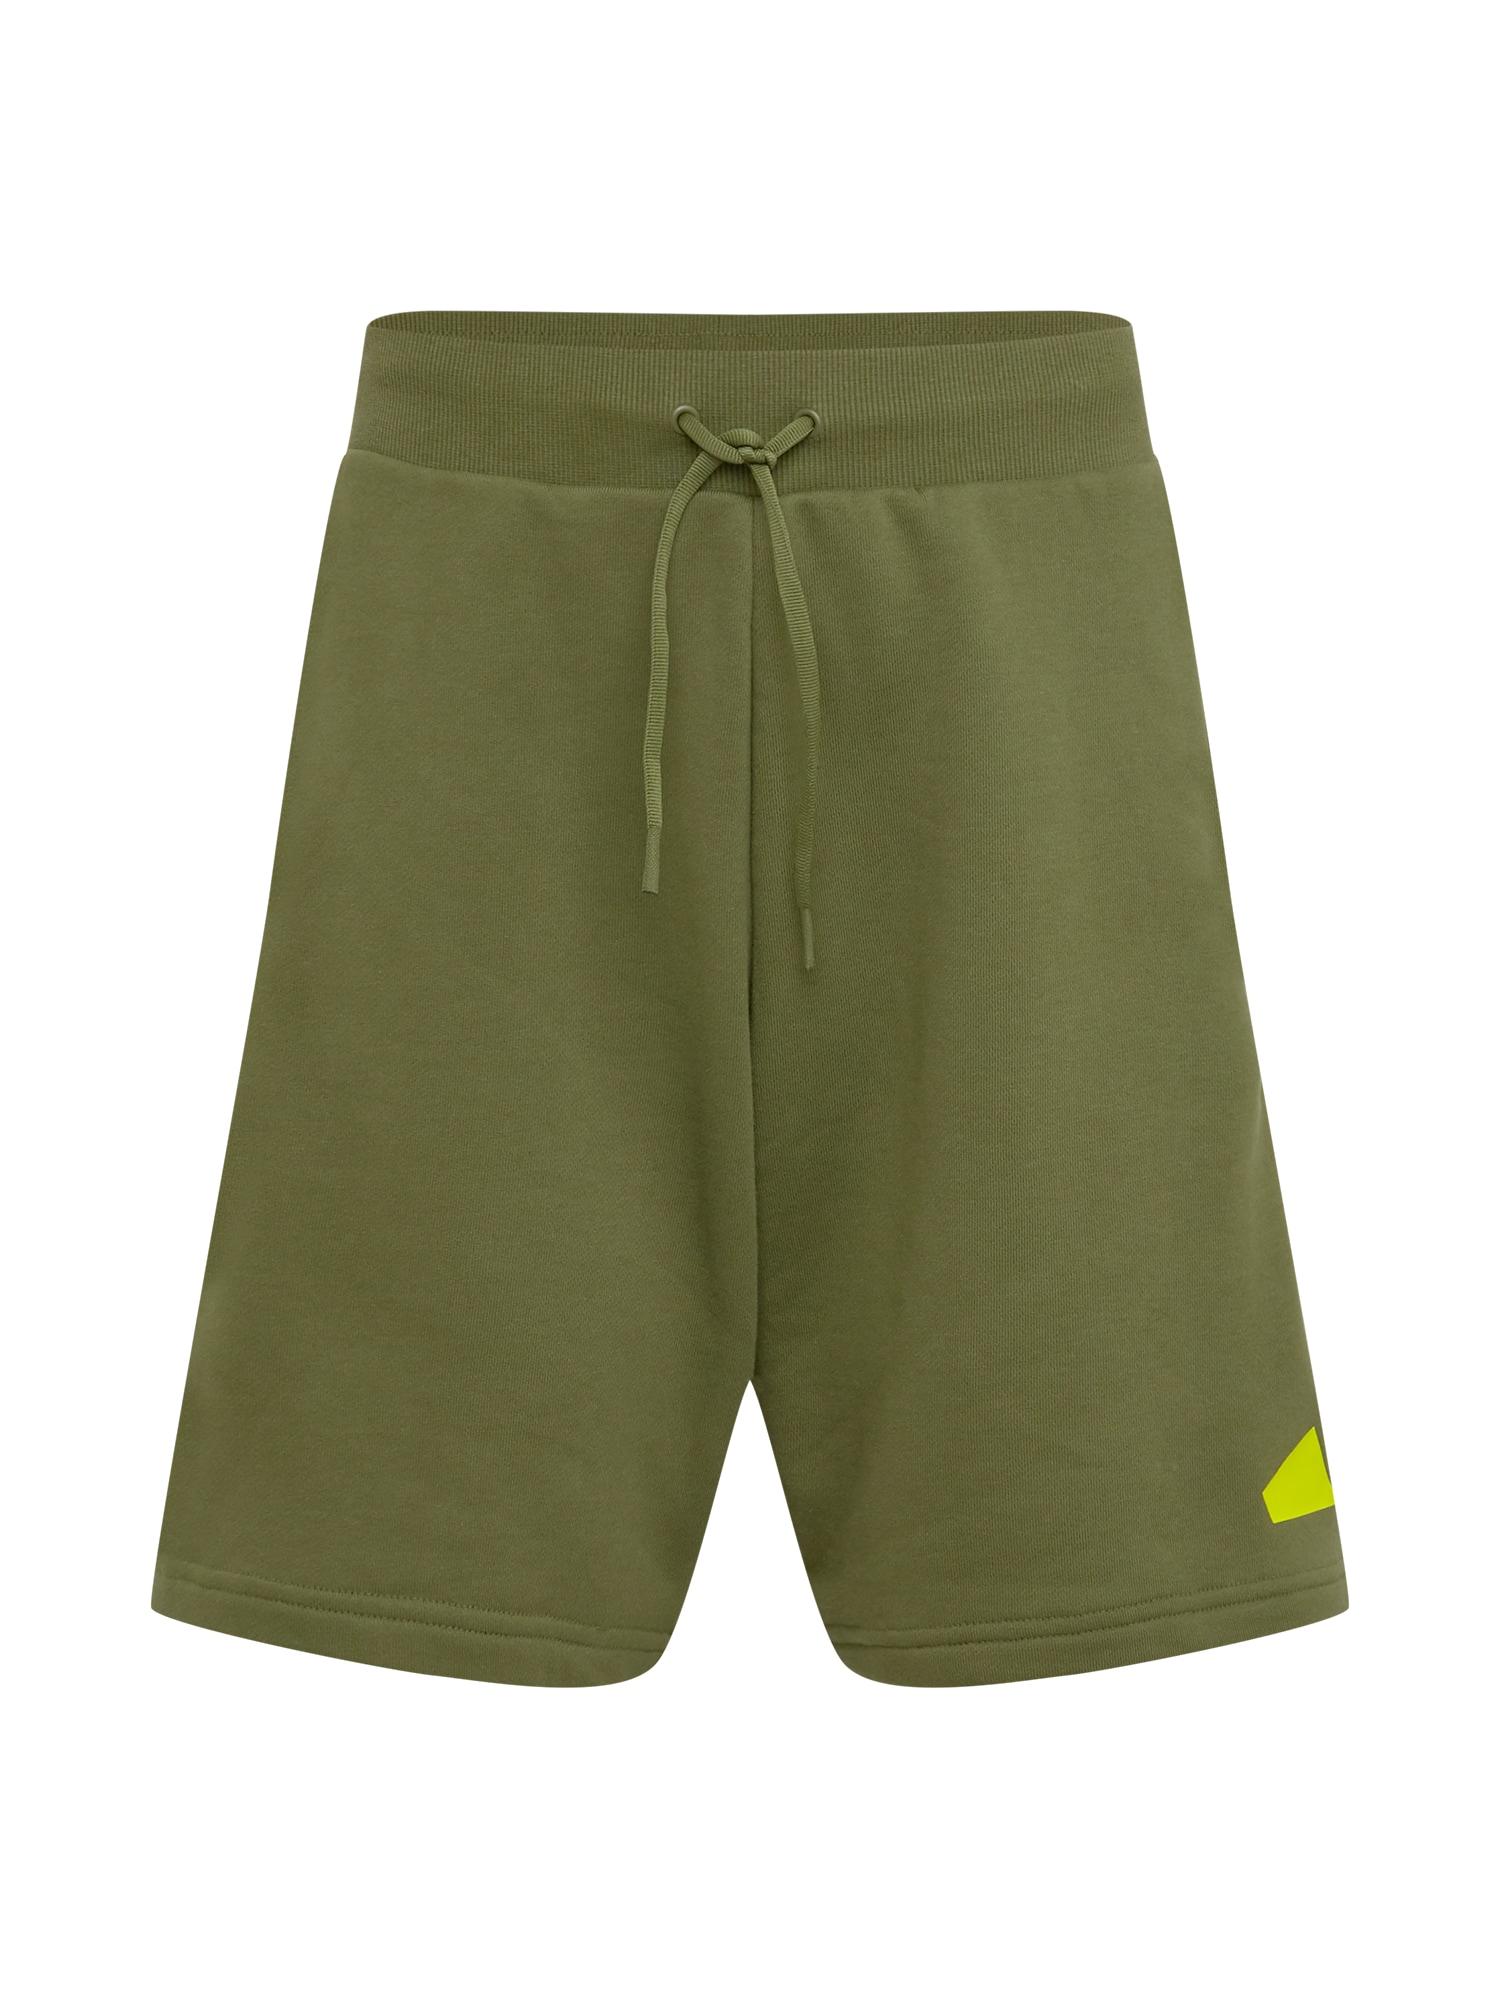 ADIDAS PERFORMANCE Sportinės kelnės alyvuogių spalva / neoninė geltona